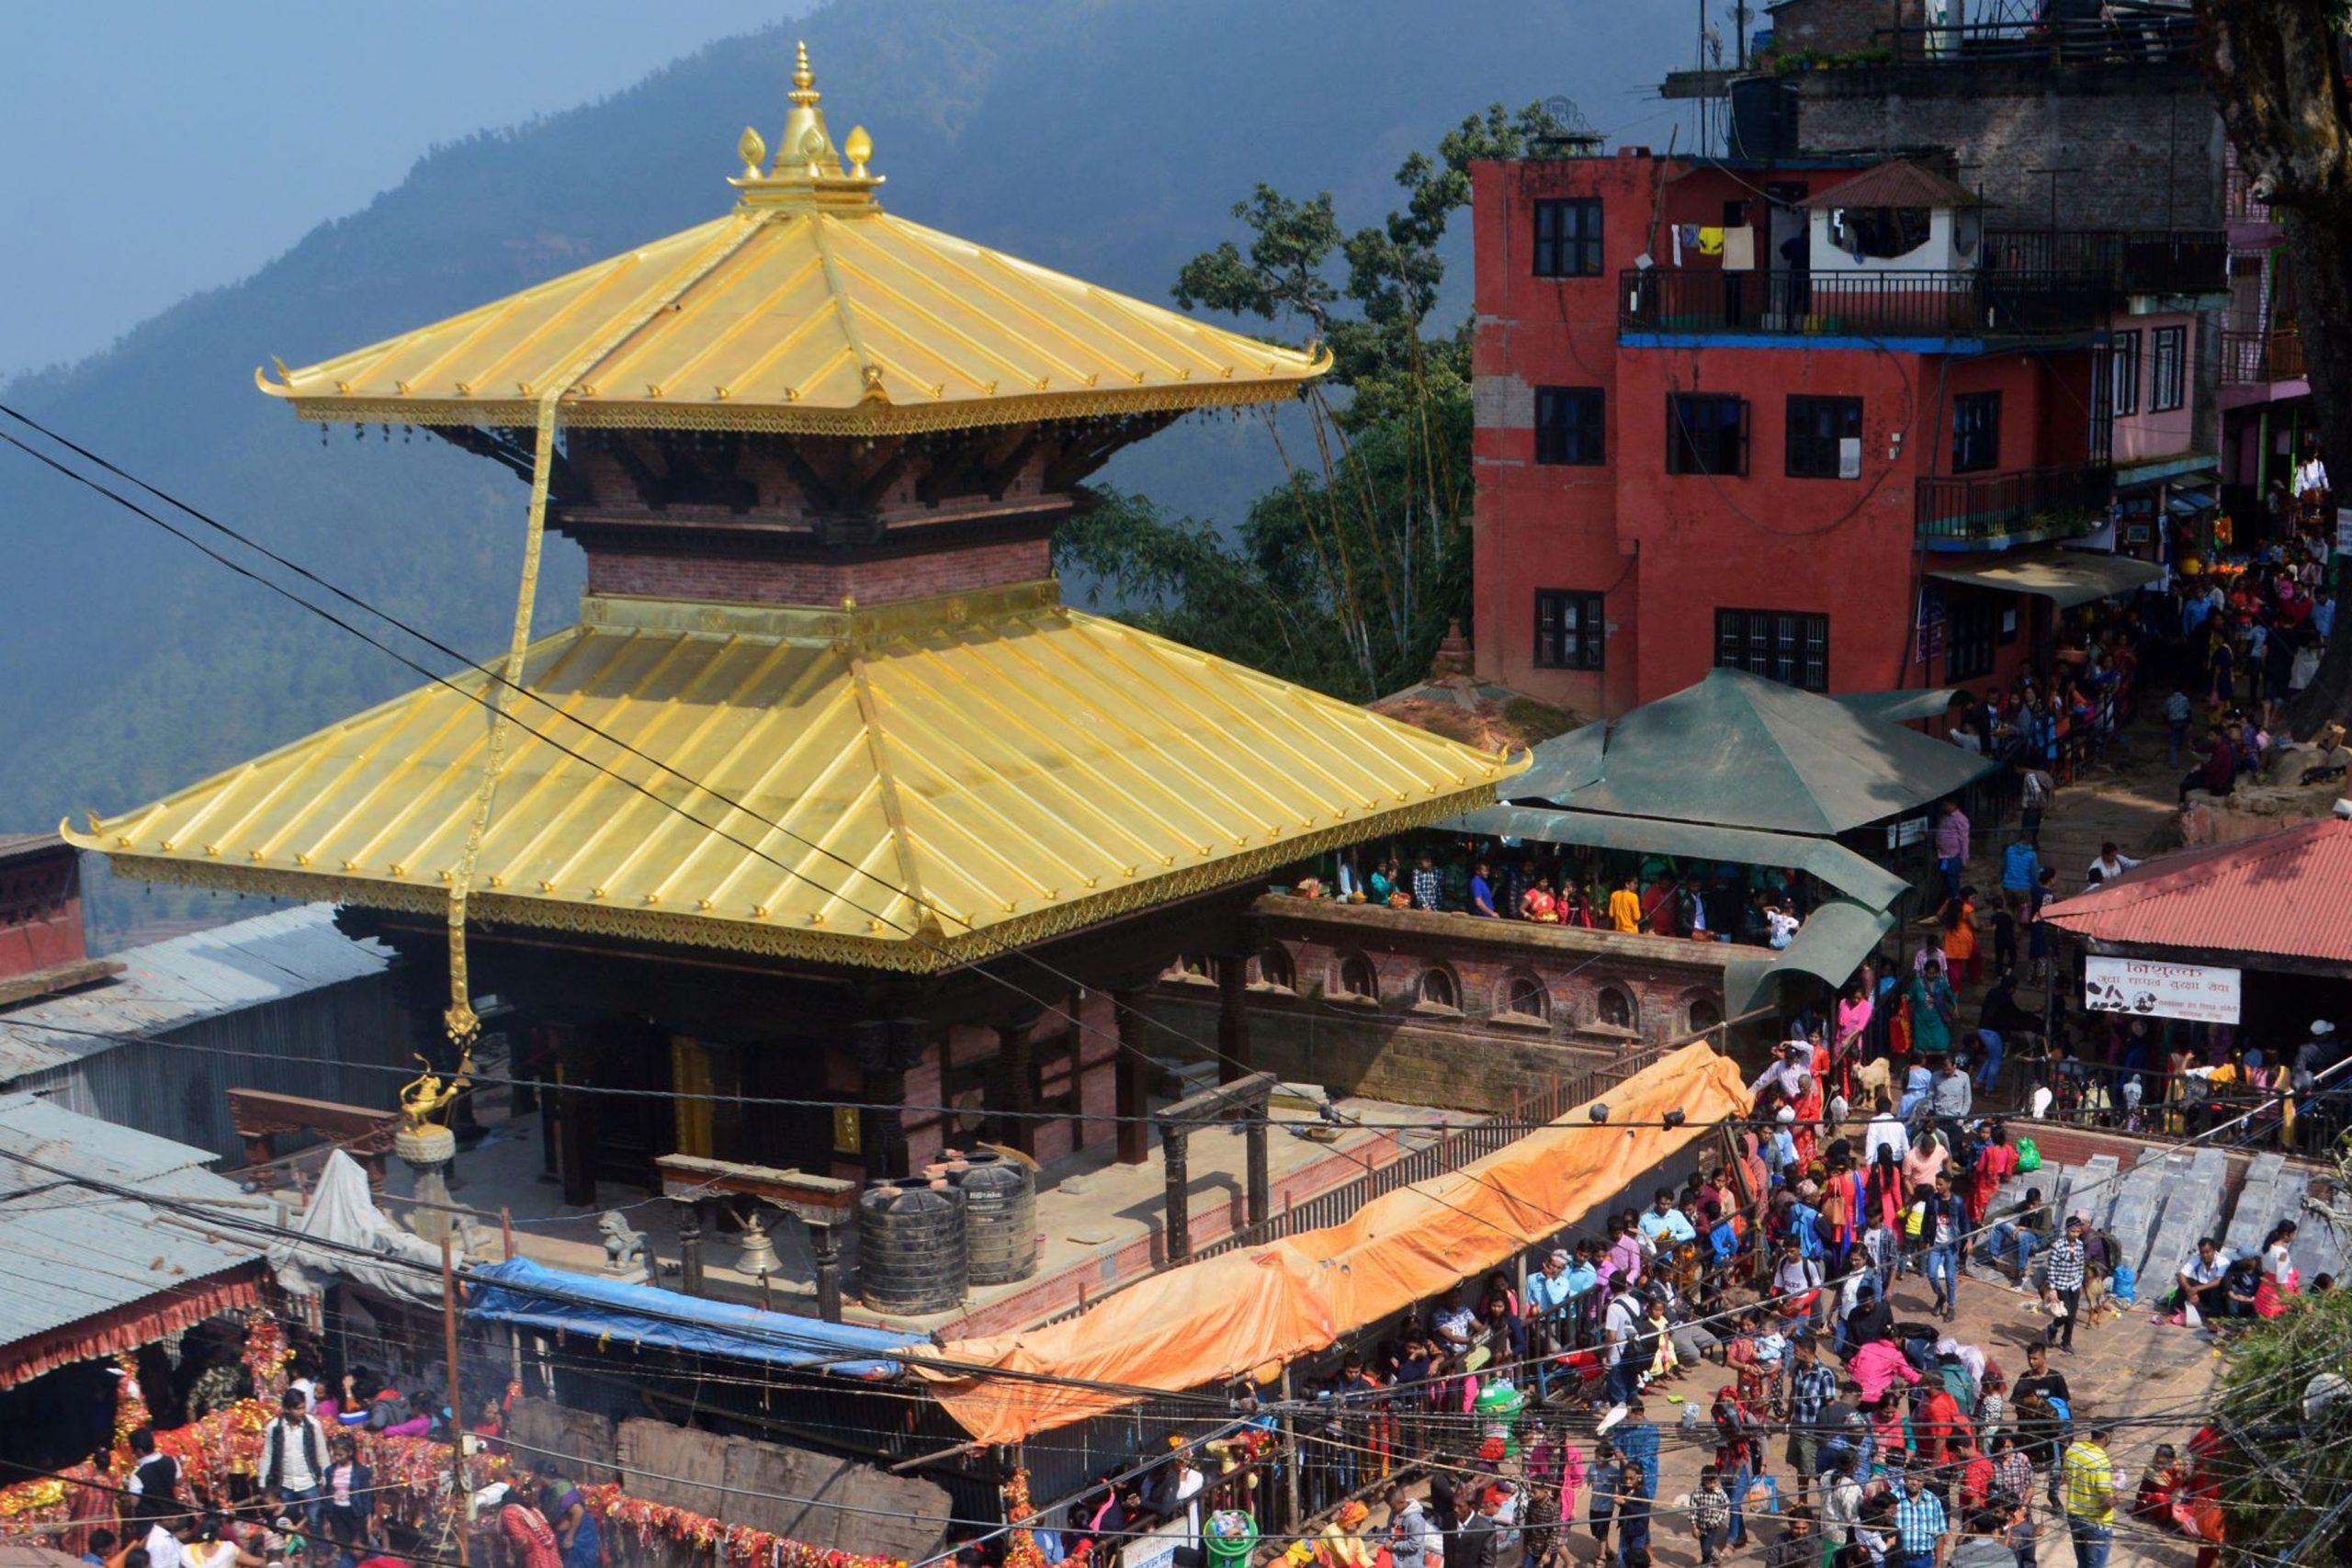 भक्तजनका लागी चार महिनापछि खुल्यो गोरखाको मनकामना मन्दिर